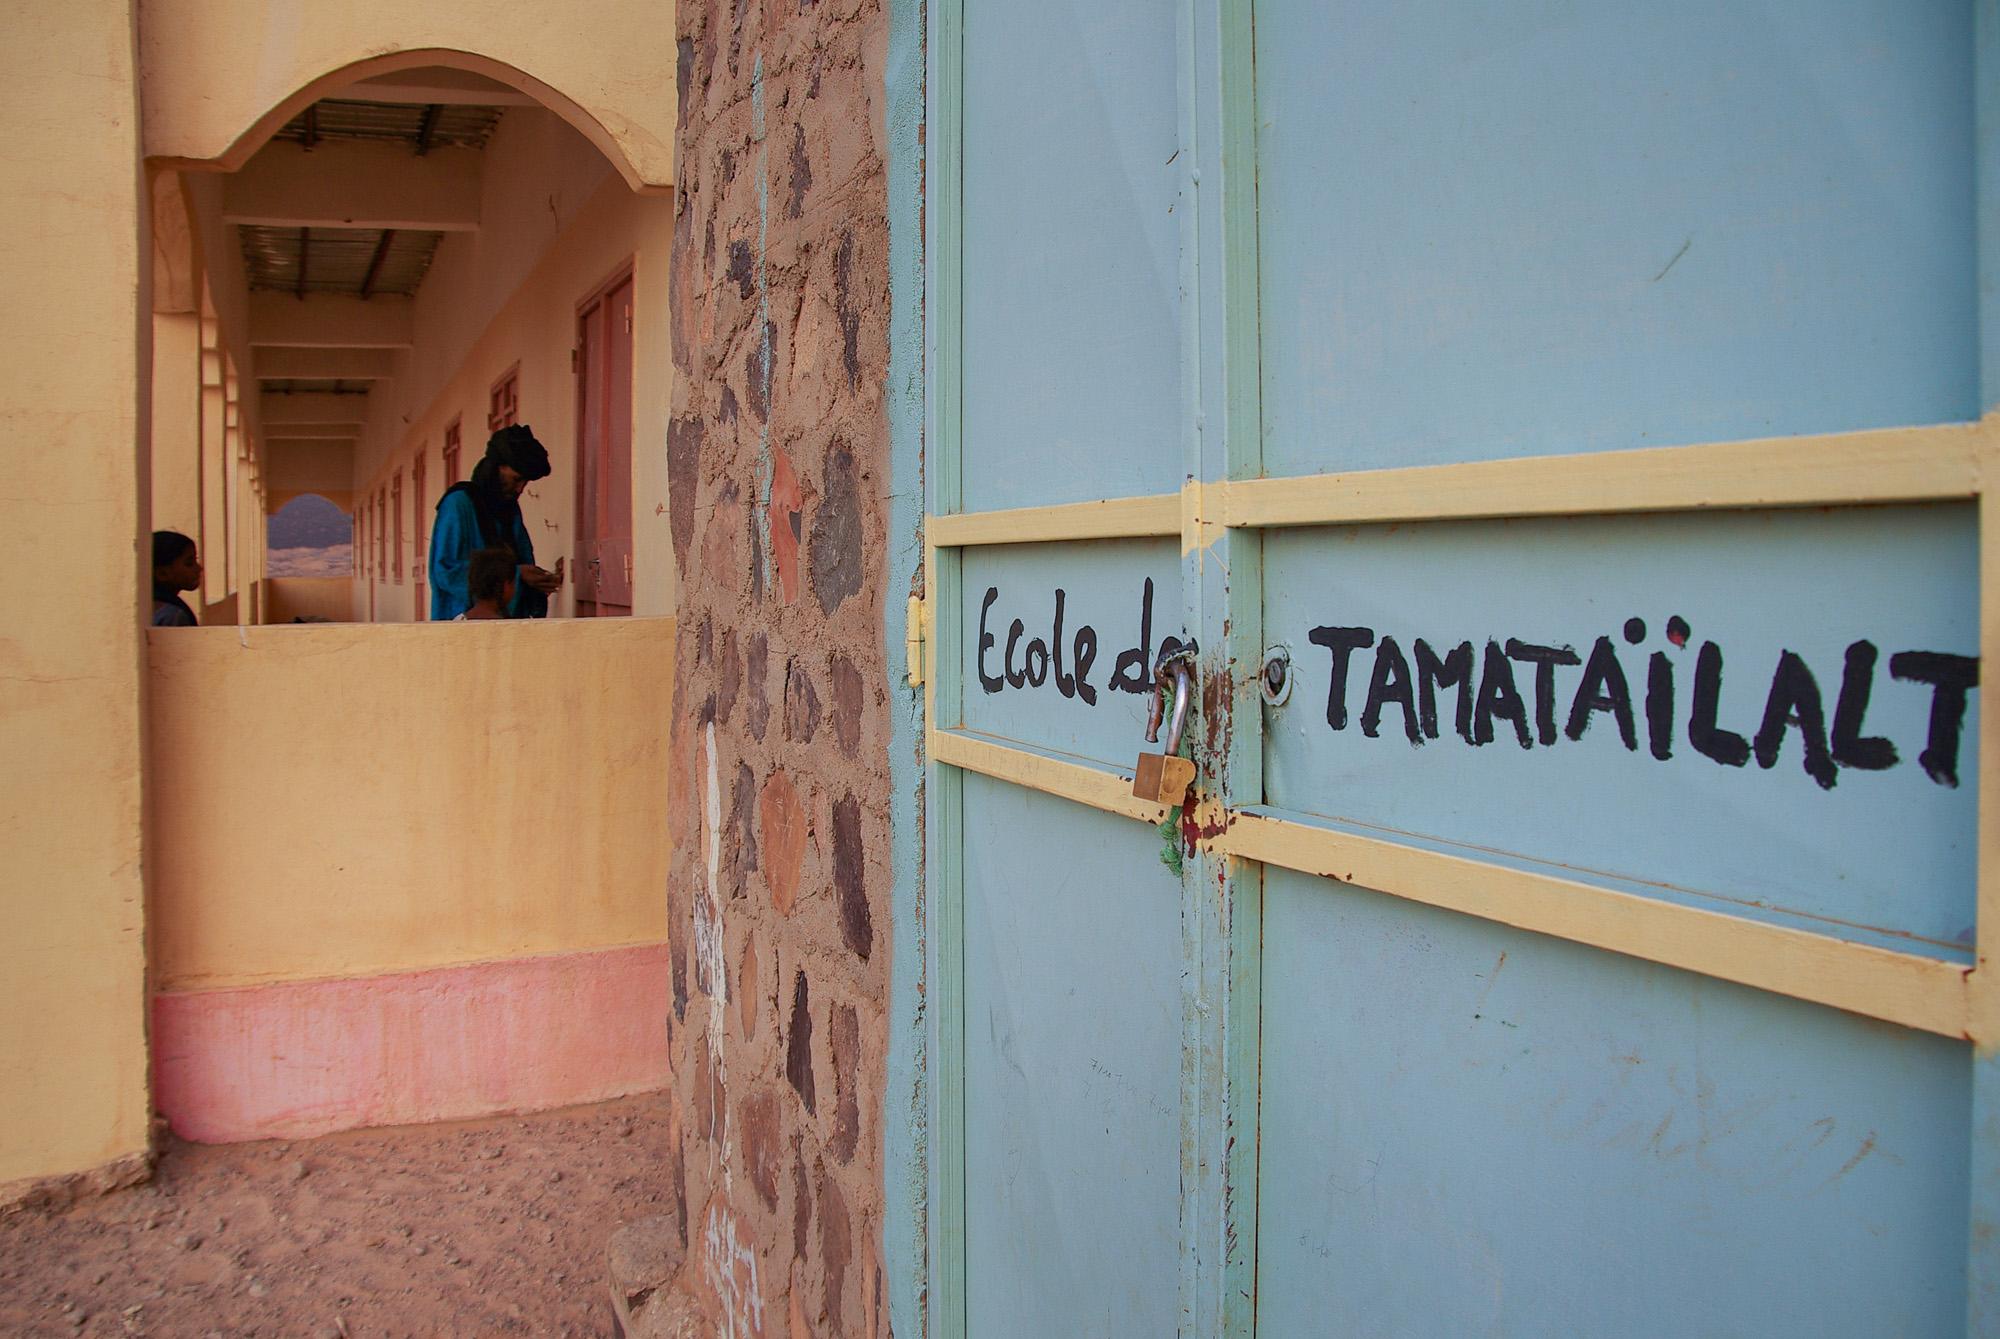 Tamtailalt - Ecole du desert - Mali-5